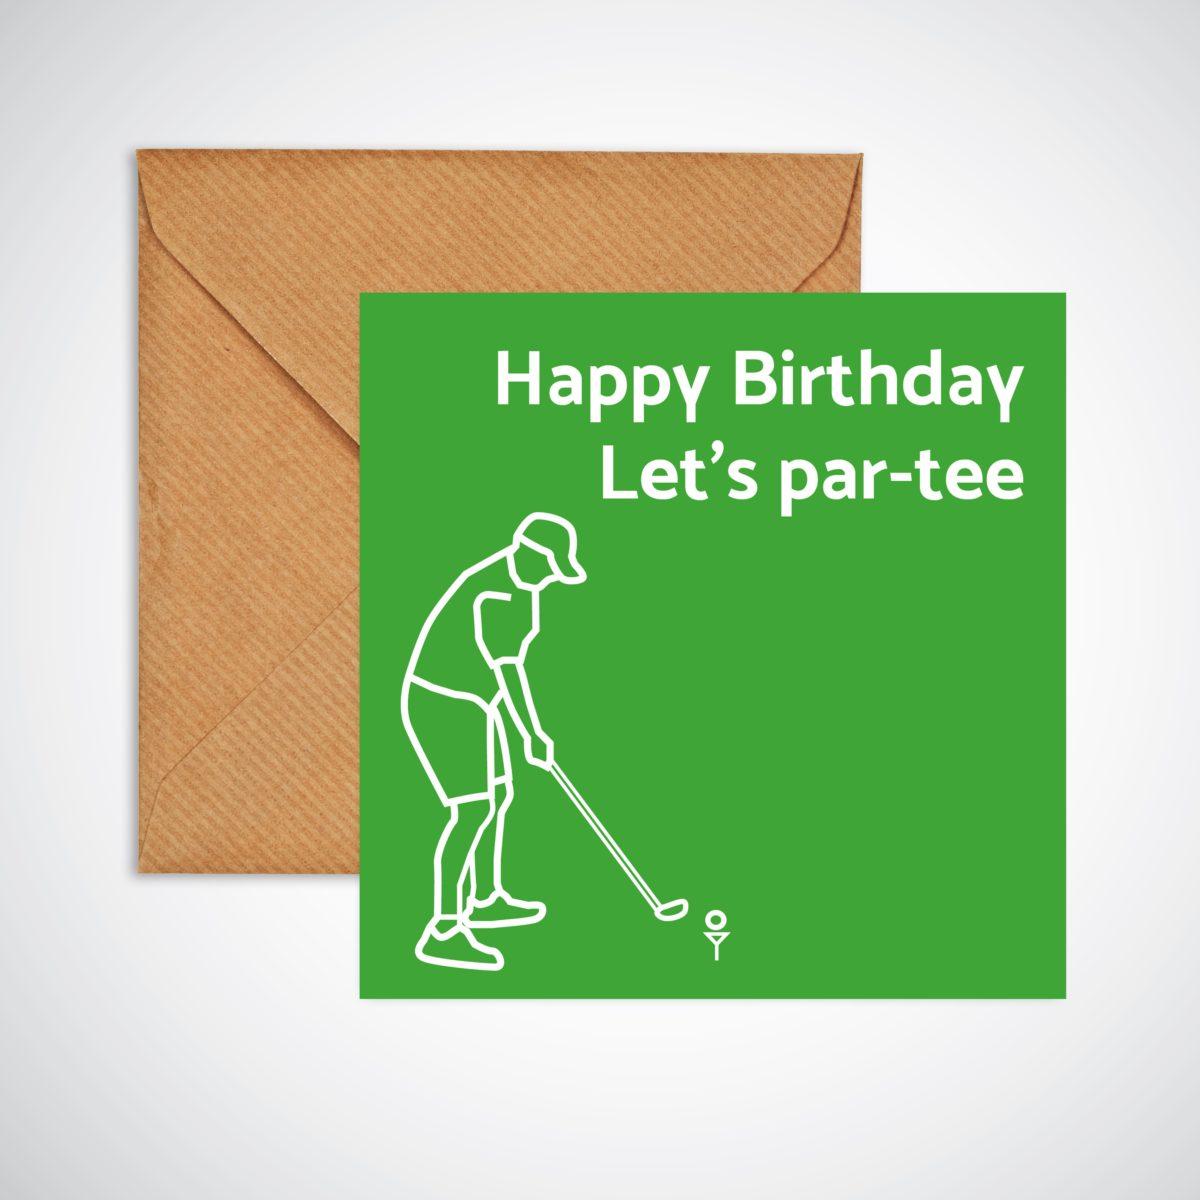 Let's Par-tee Birthday Card